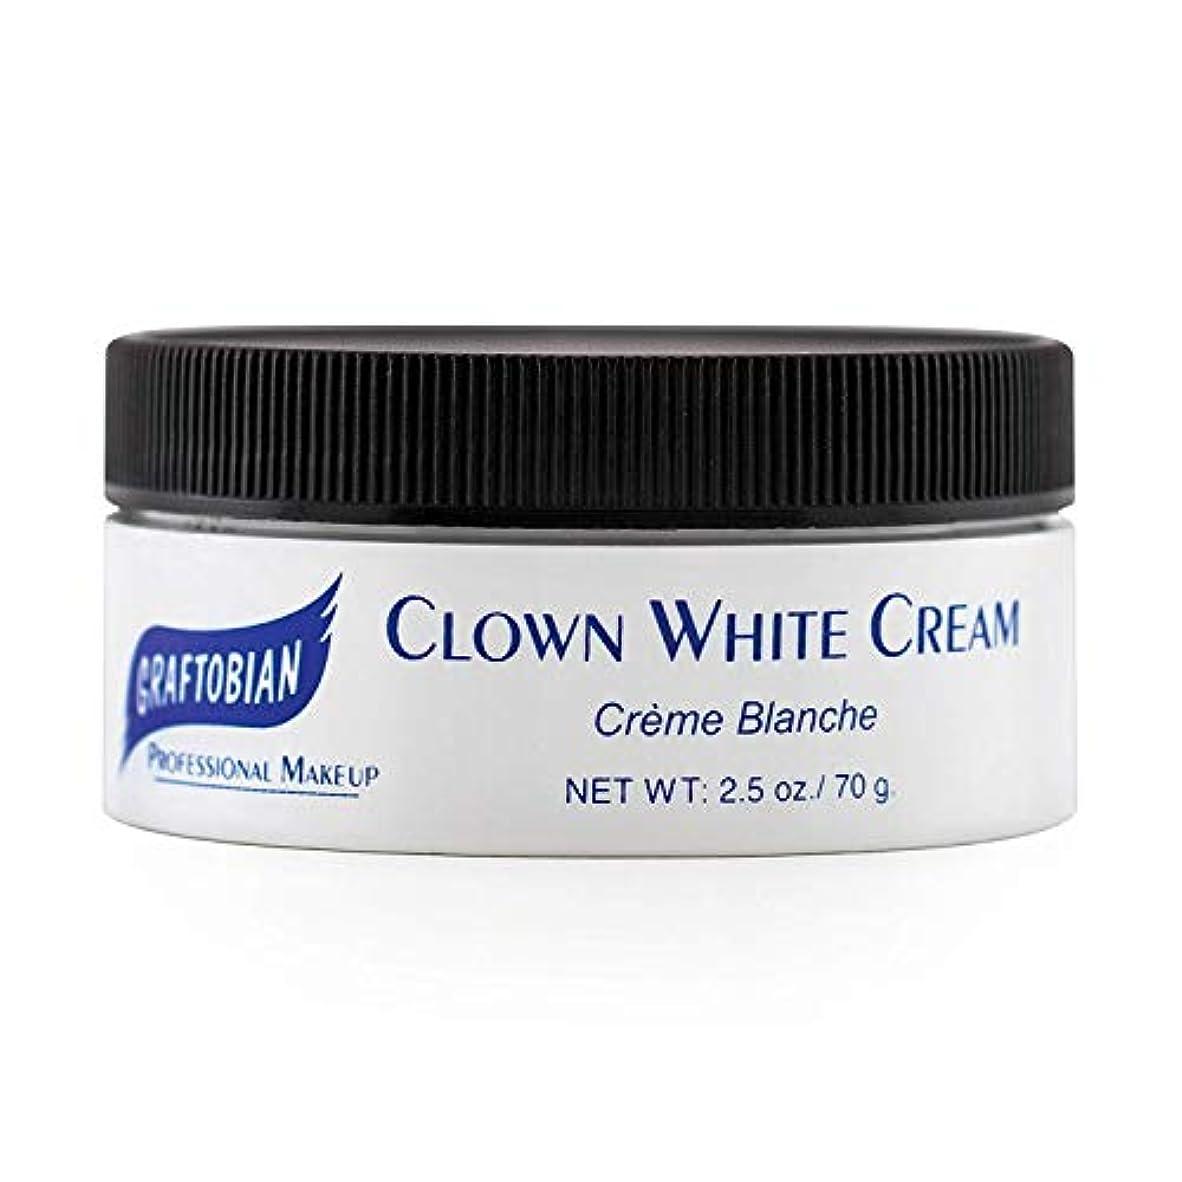 一般的にメーカー力強いClown White Creme Foundation (2.5 oz.) ピエロホワイトクリームファンデーション(2.5オンス)?ハロウィン?クリスマス?2.5 oz.